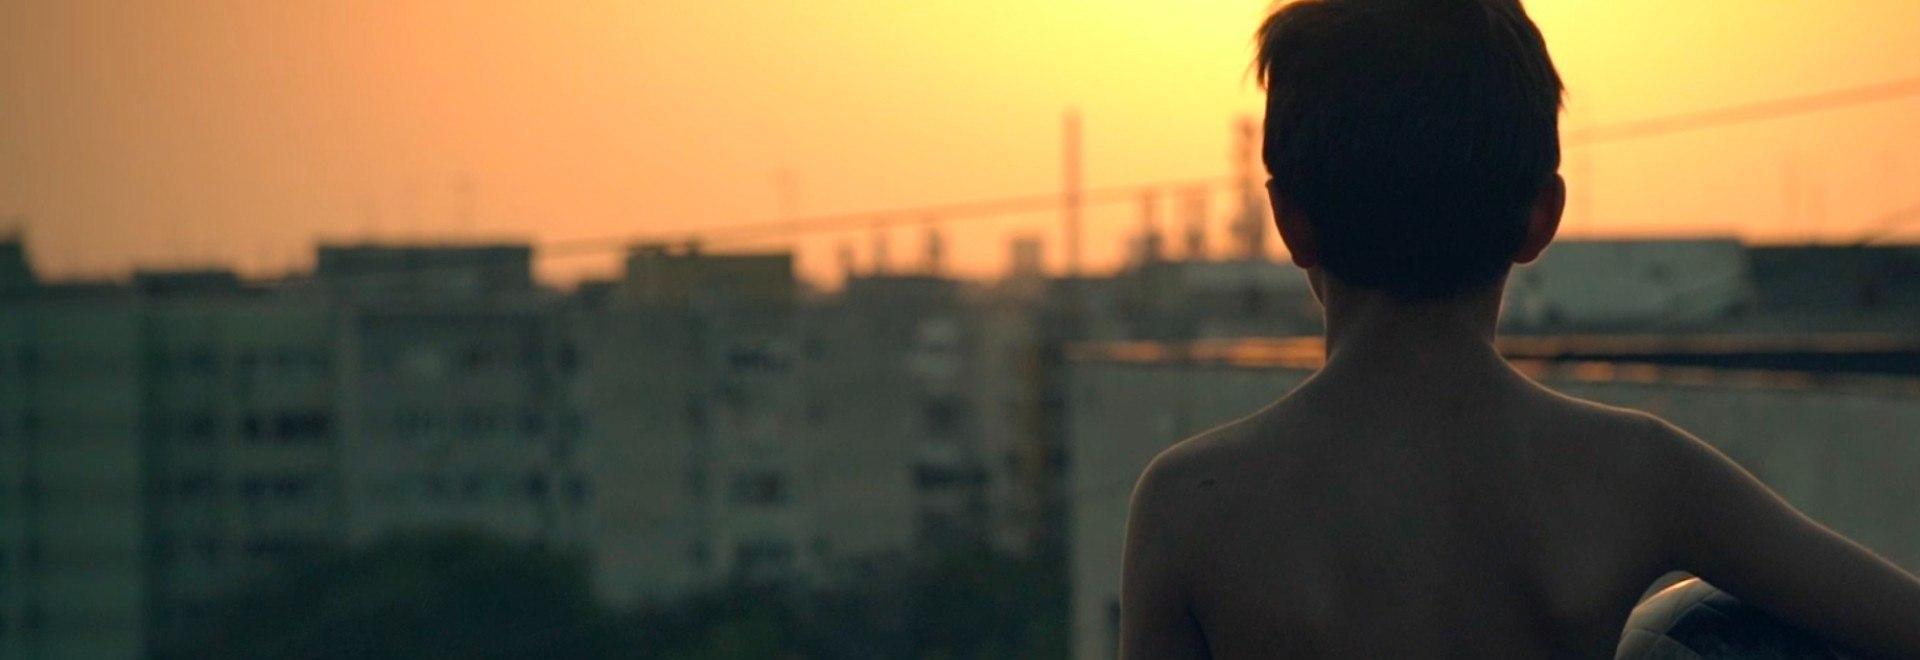 Paolo Rossi - Un campione è un sognatore che non si arrende mai